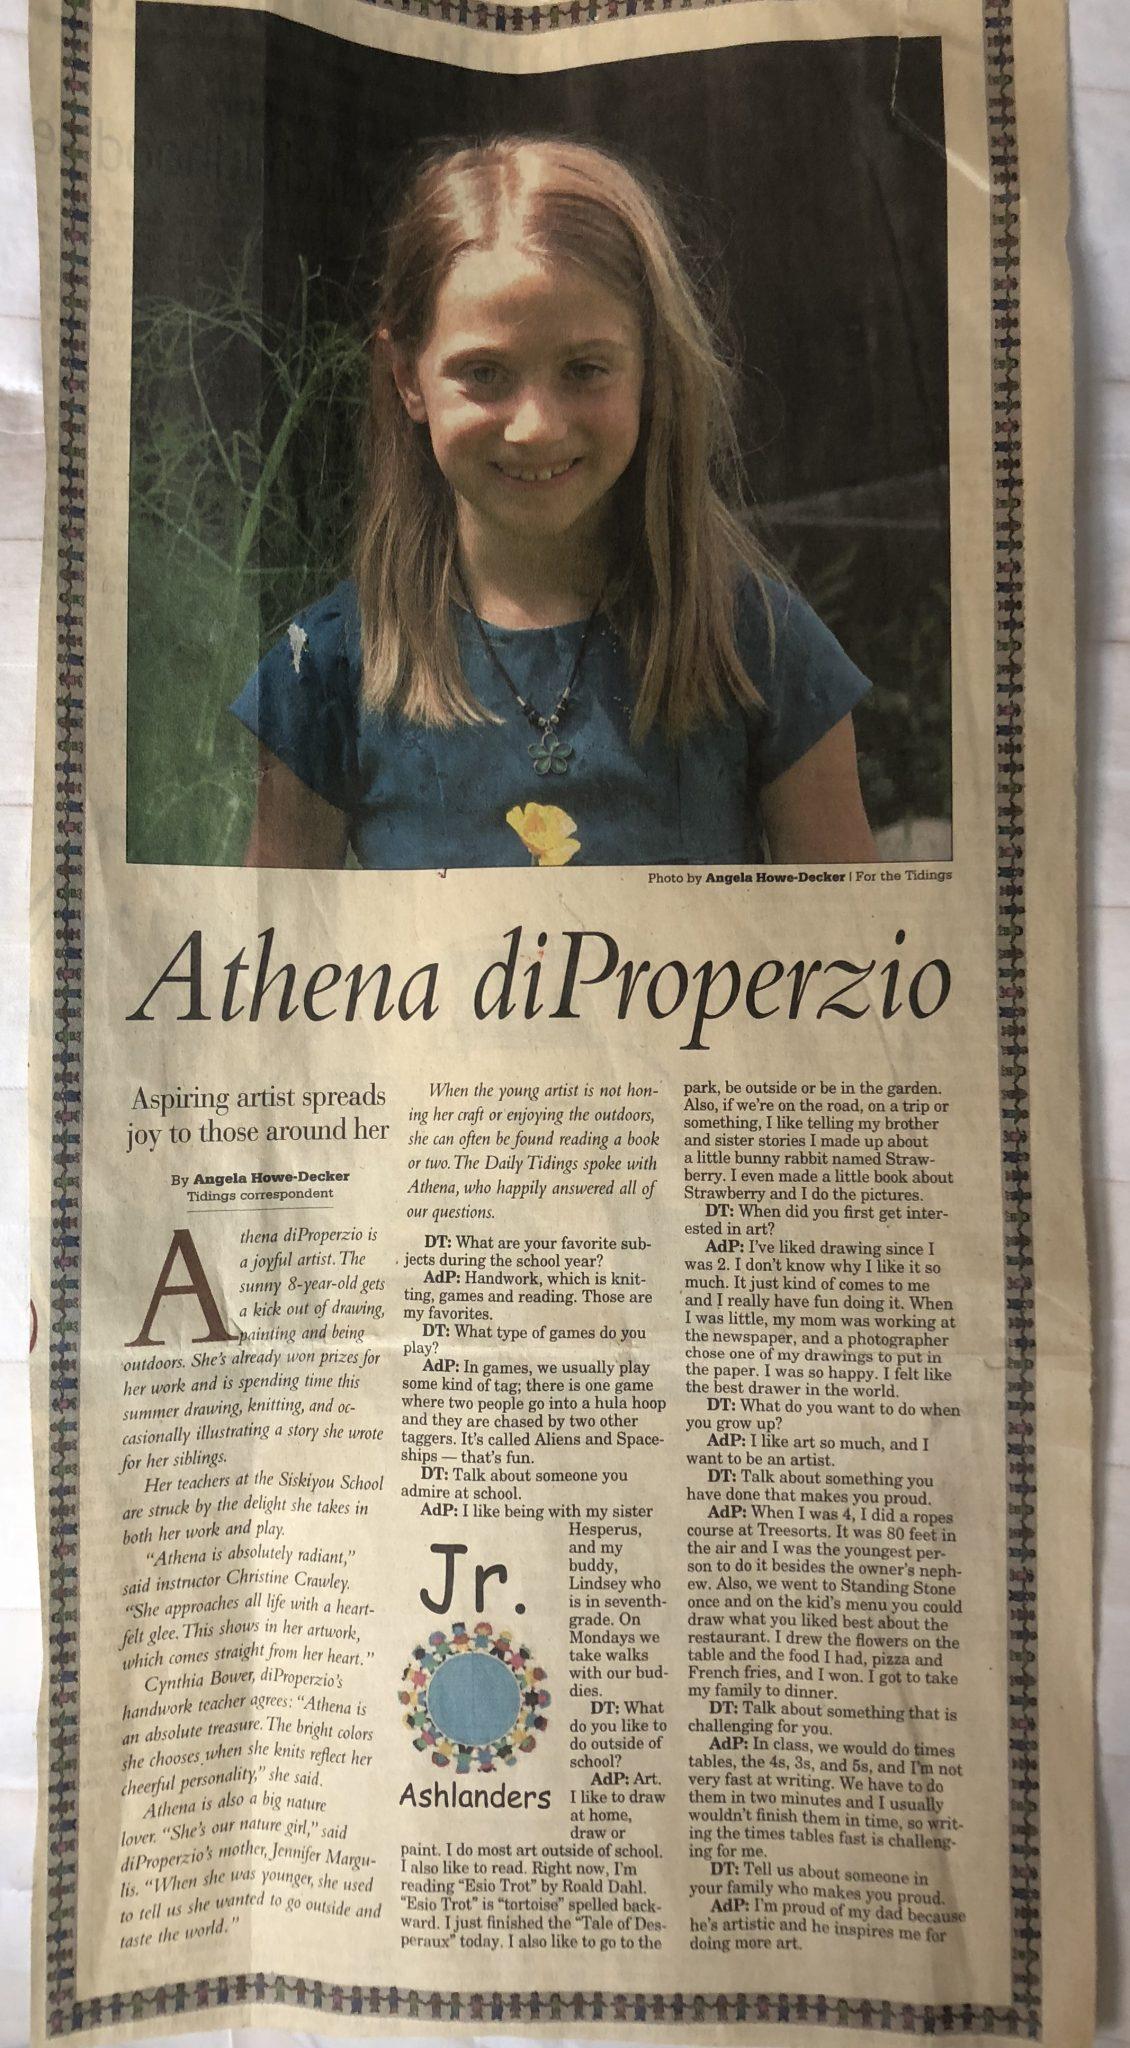 Athena di Properzio, age 8, featured in the Ashland Daily Tidings